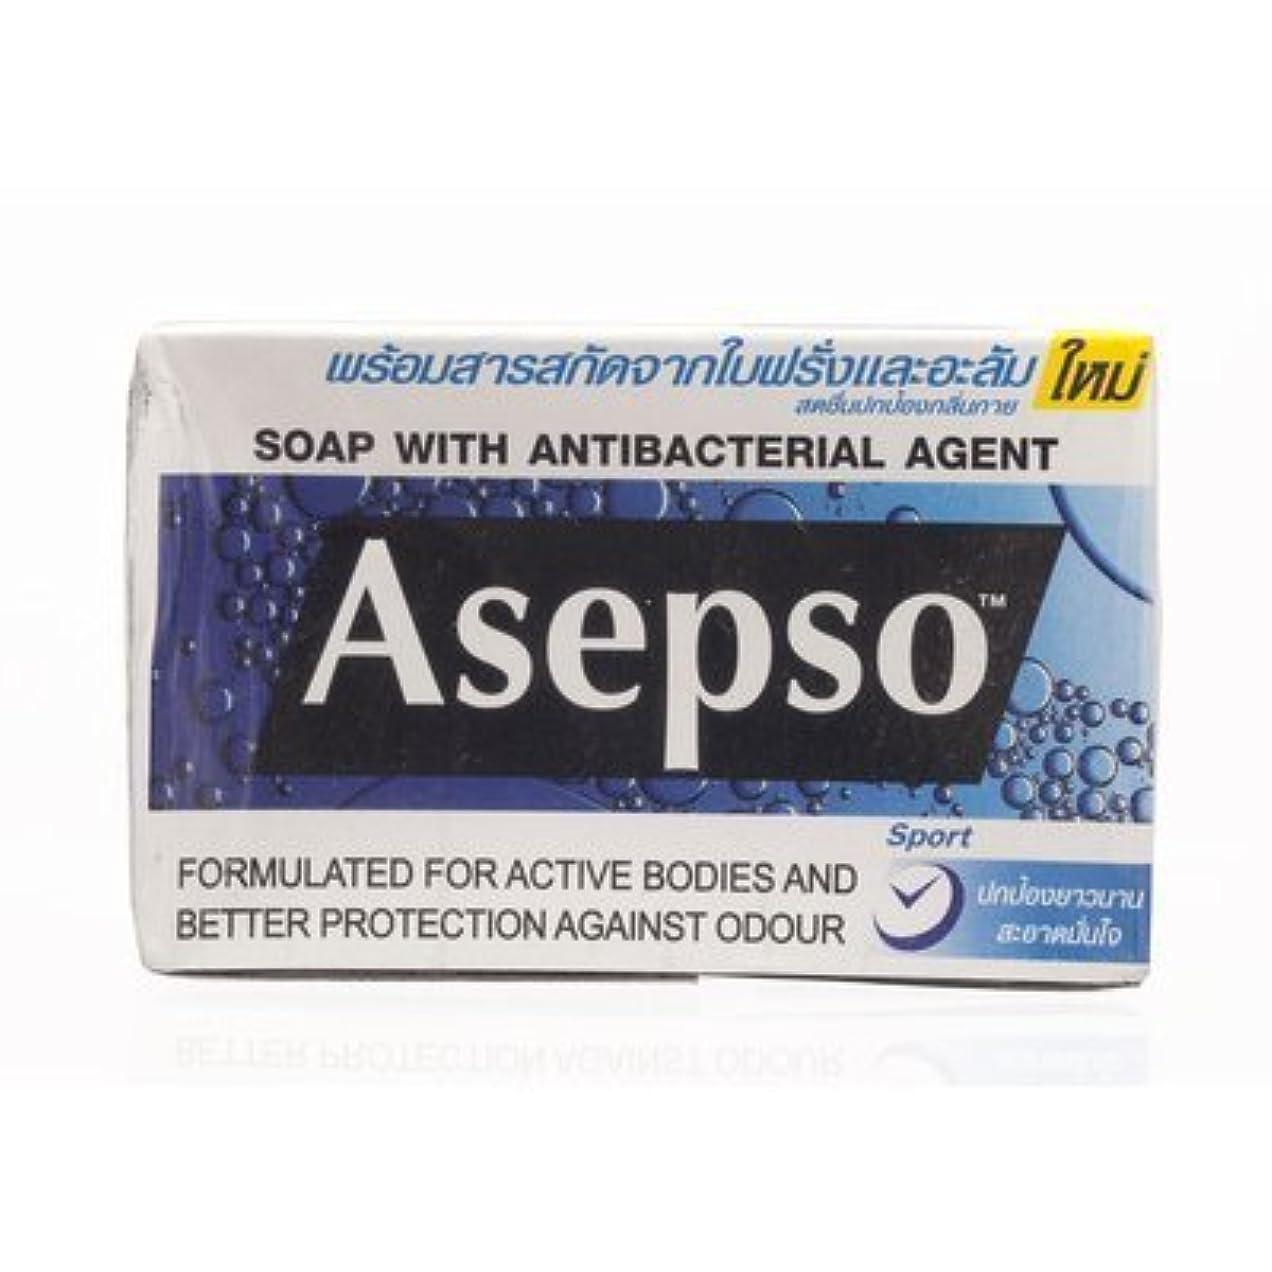 戻る影響力のあるやりすぎAsepso Bar Soap Sport 80g. (Pack of 6) by Asepso [並行輸入品]